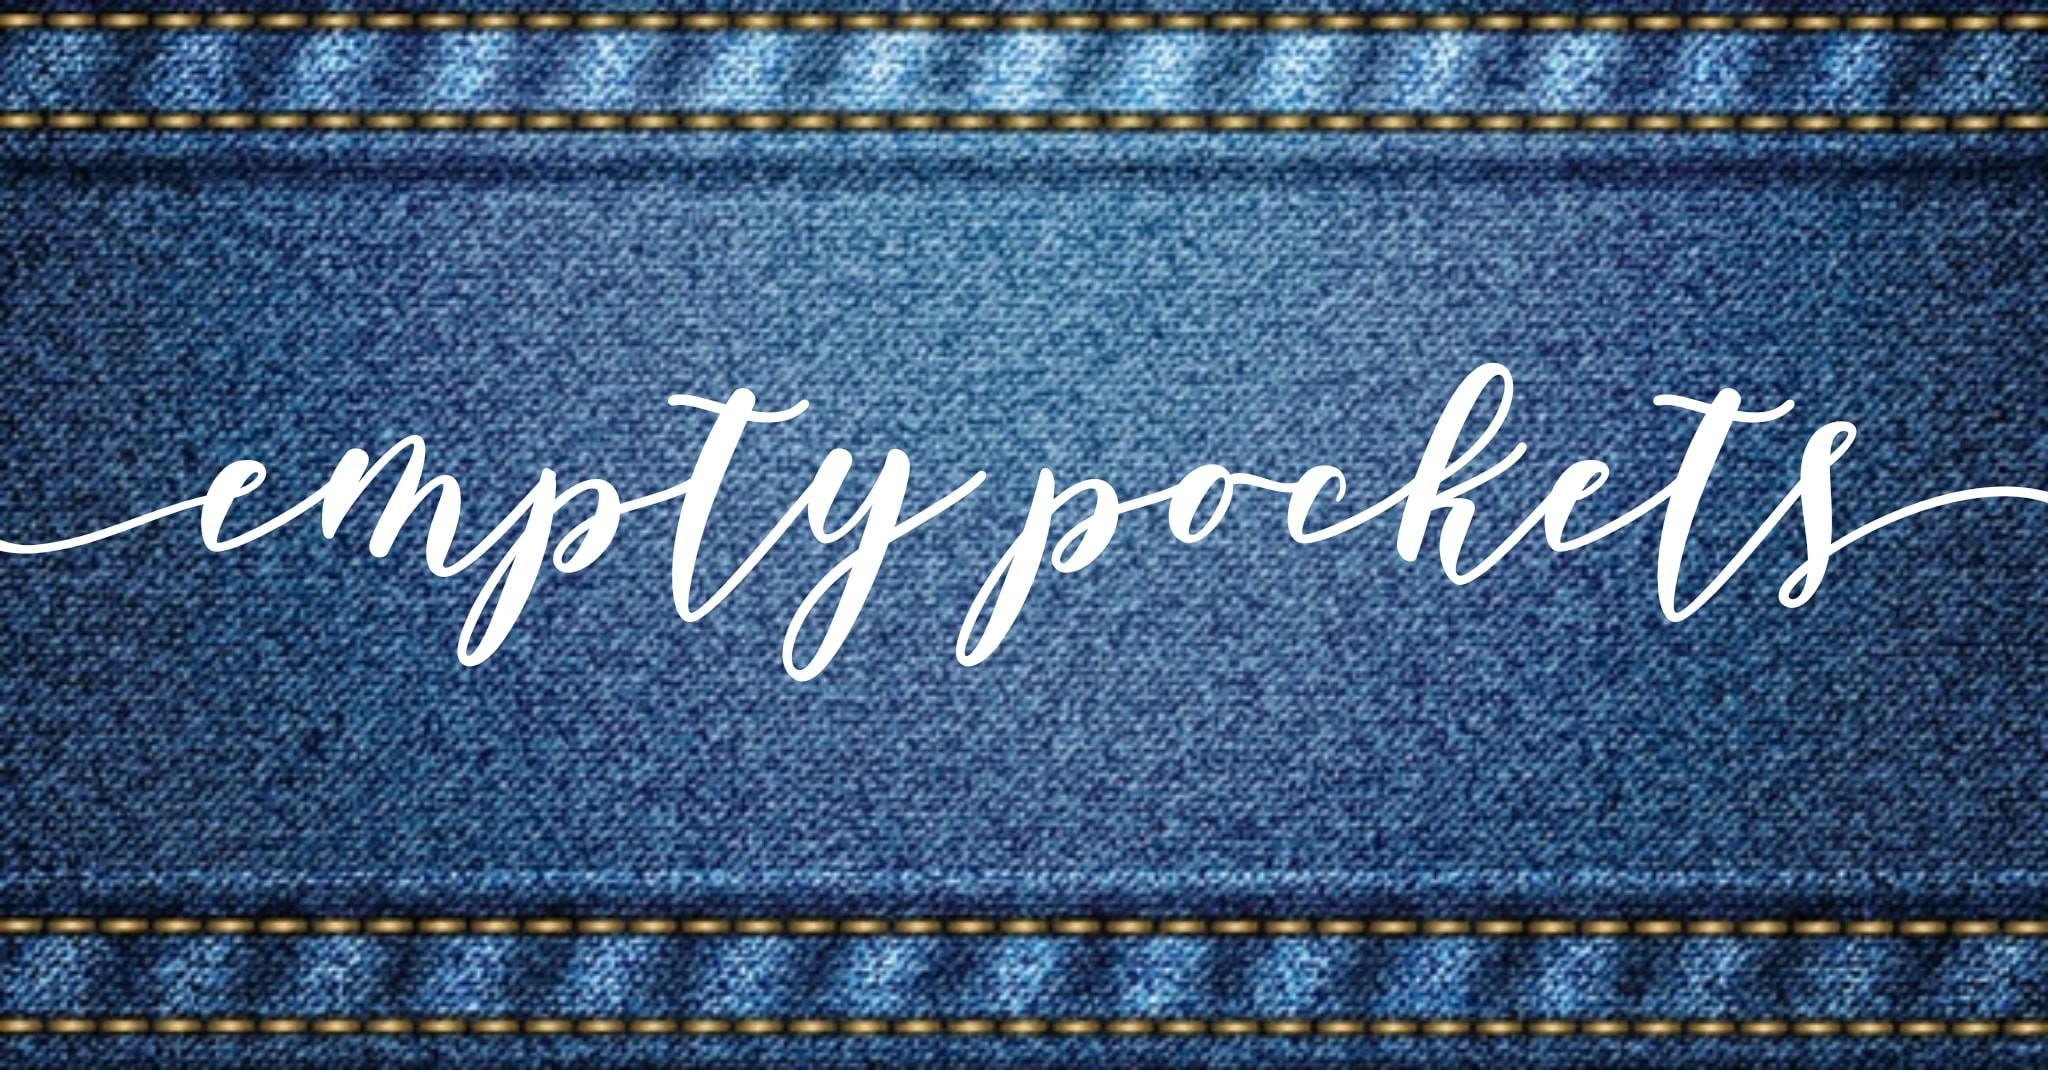 empty pockets logo